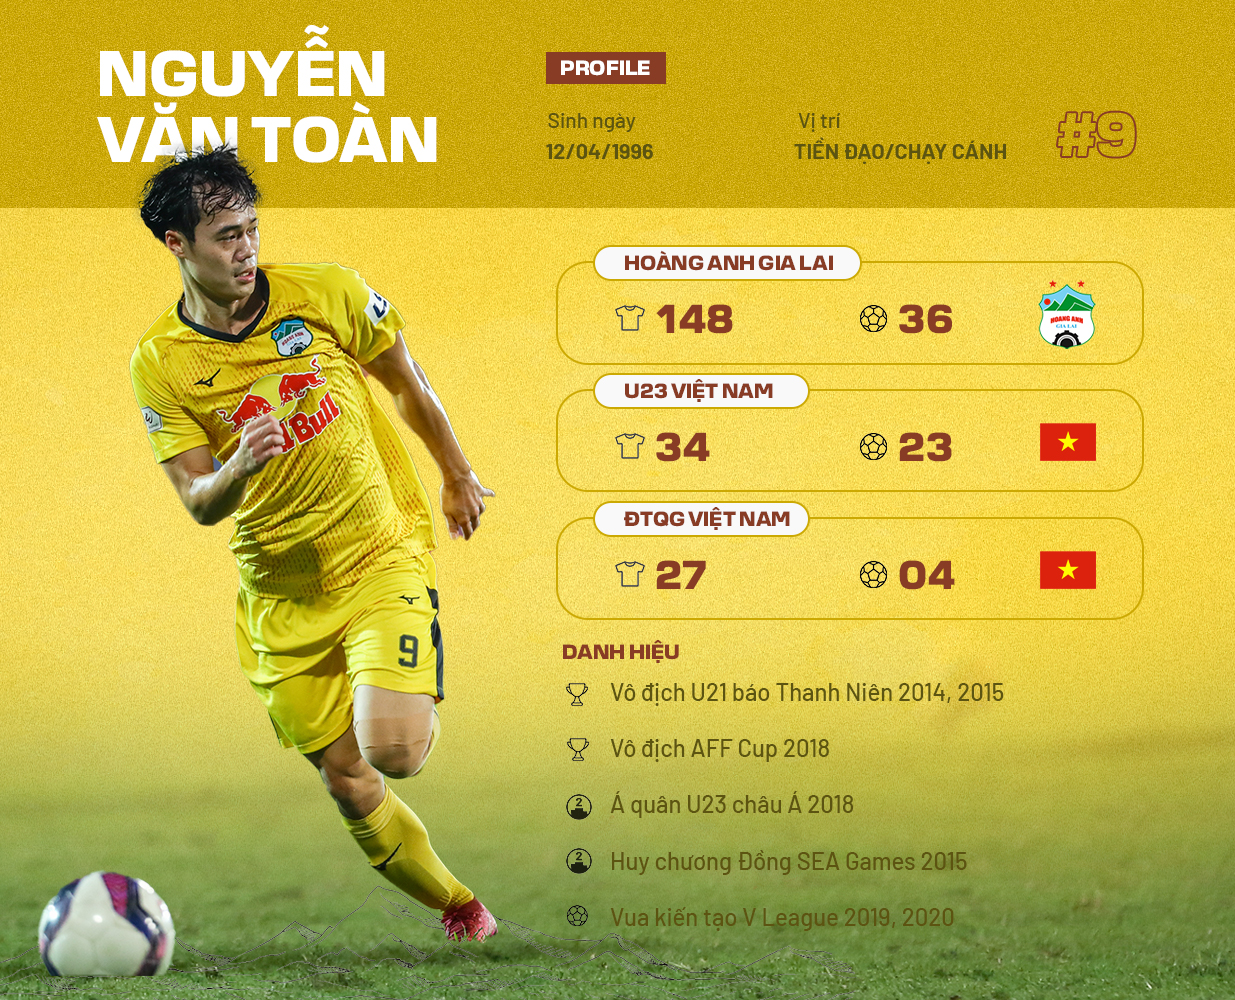 Nguyễn Văn Toàn: Tôi muốn được nhớ đến là một cầu thủ thành công và doanh nhân thành đạt - Ảnh 1.